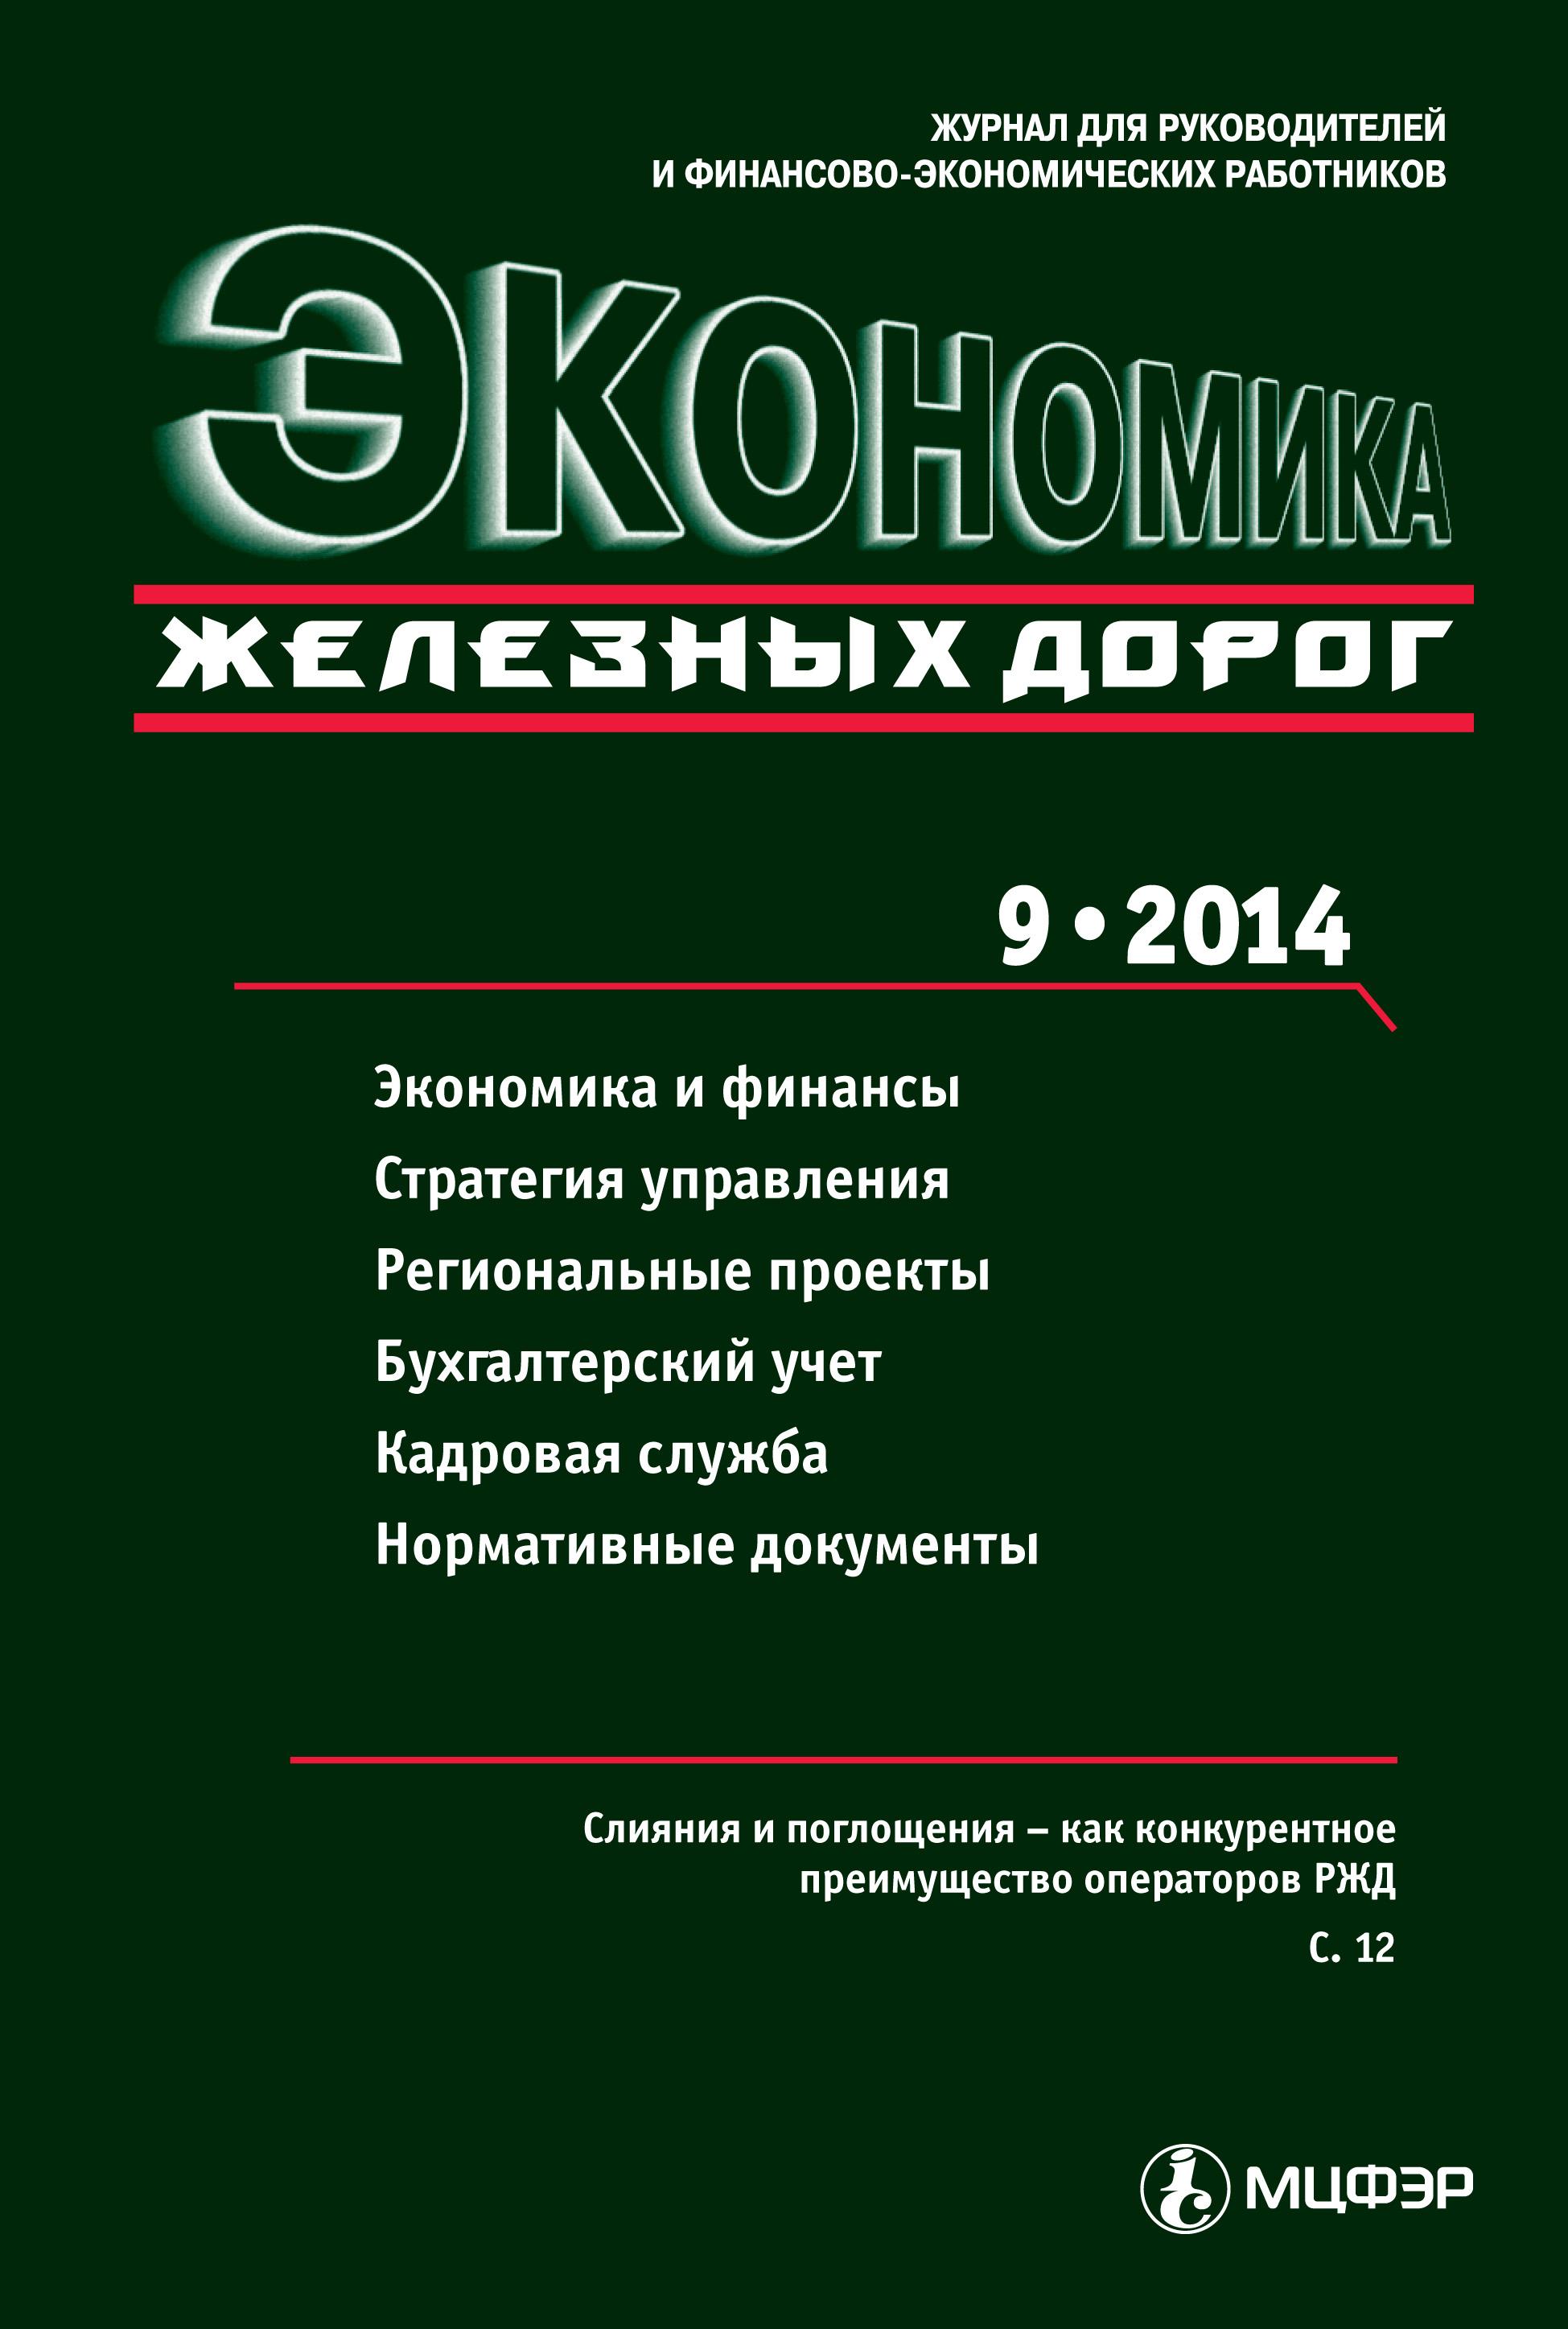 Экономика железных дорог № 09/2014